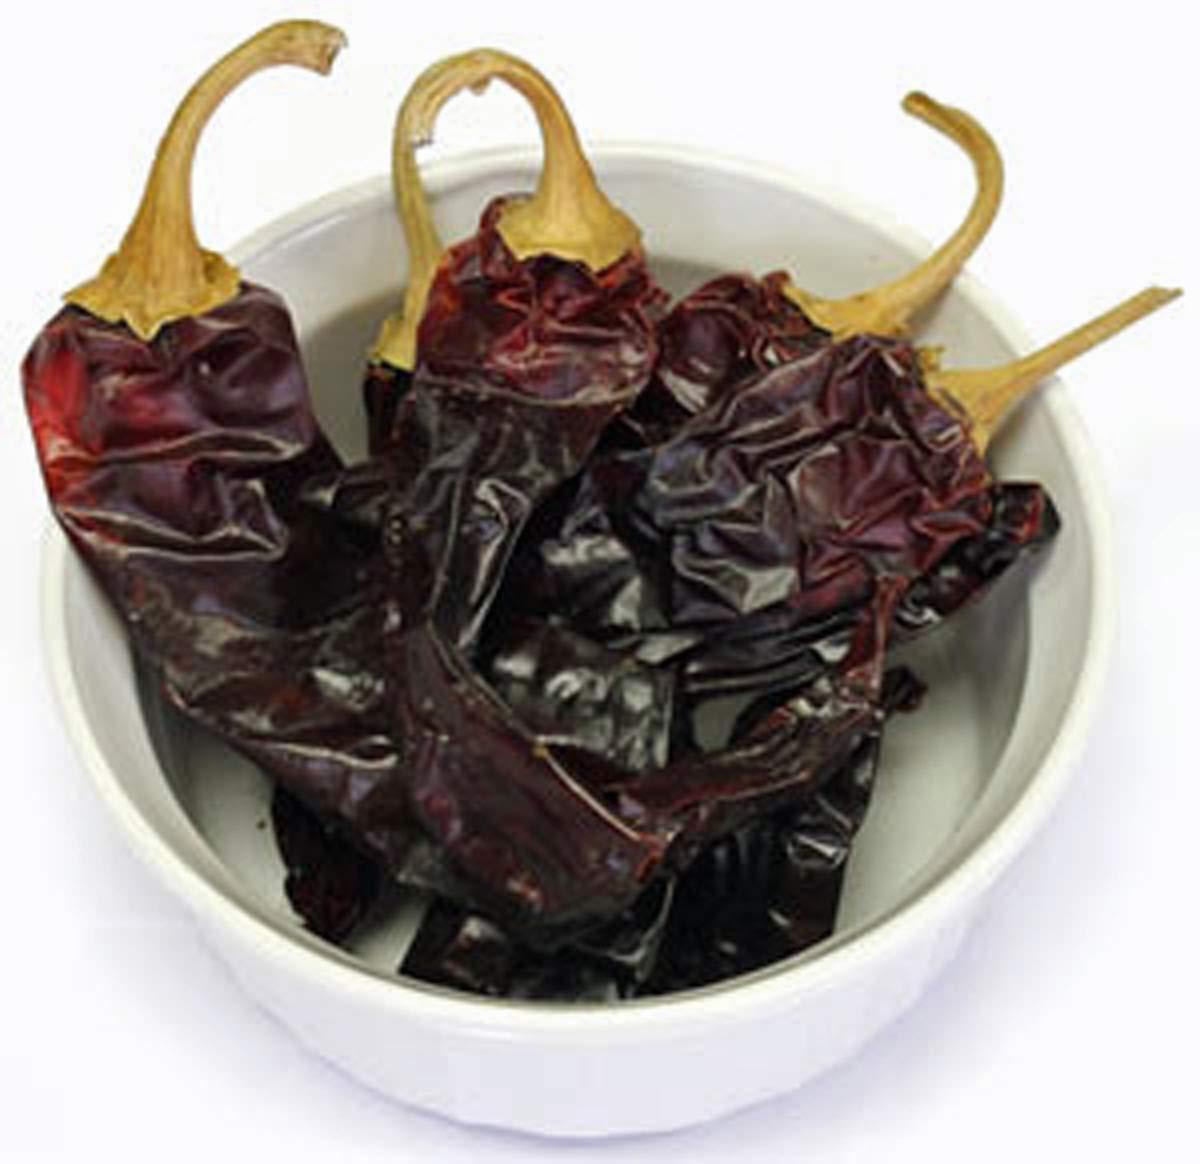 Guajillo Pepper, Whole Dried,1 lb , Non-GMO, Delicious Fresh Spicy Dried Pepper